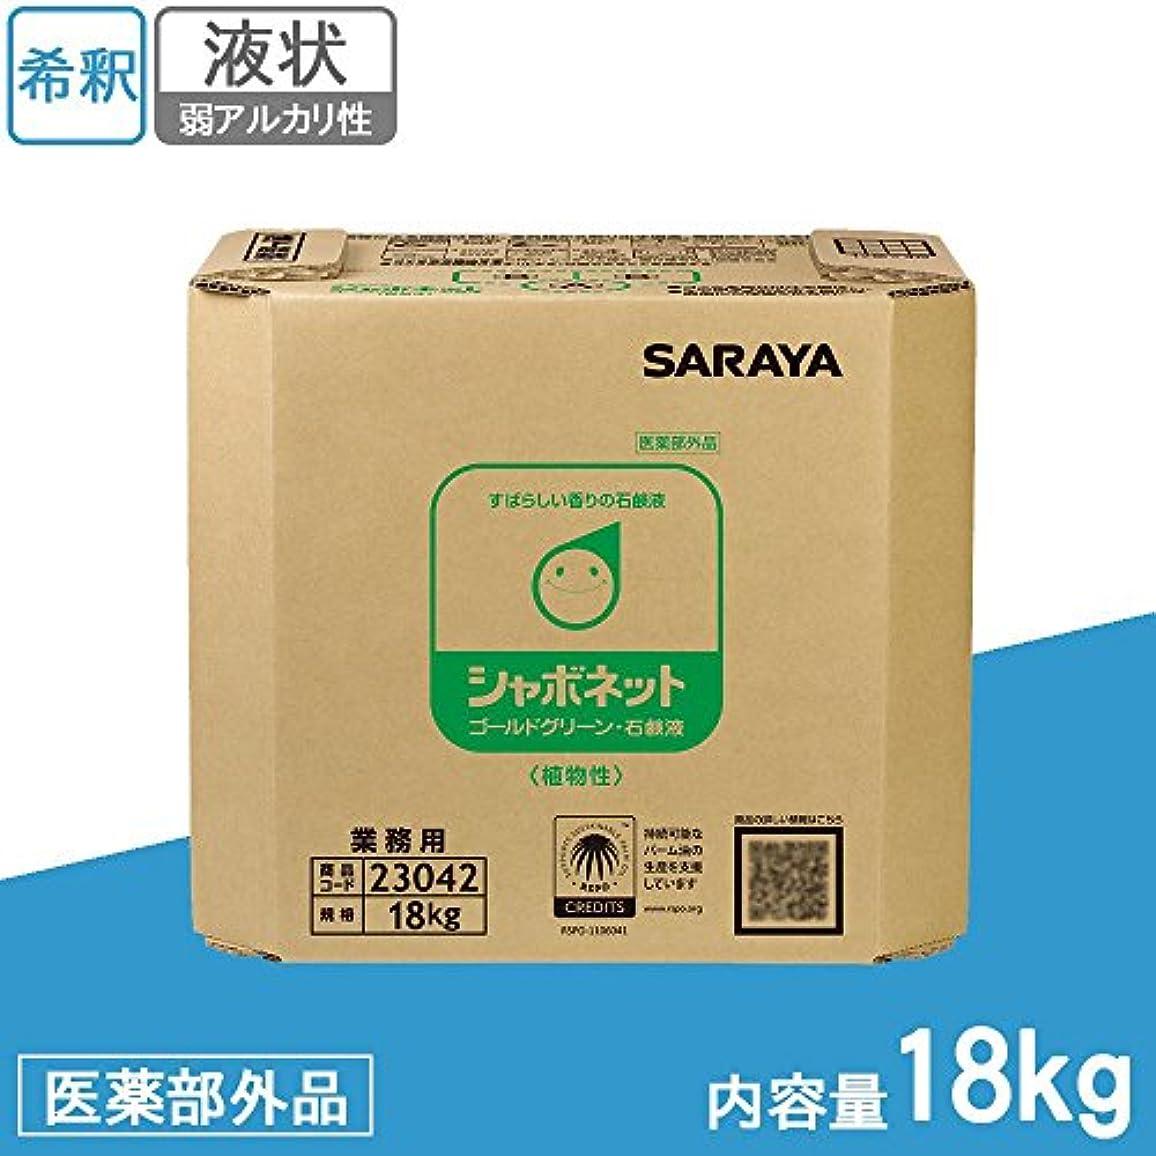 サンダルアウターひそかにサラヤ 業務用 手洗い用石けん液 シャボネットゴールドグリーン スズランの香り 18kg BIB 23042 (医薬部外品)